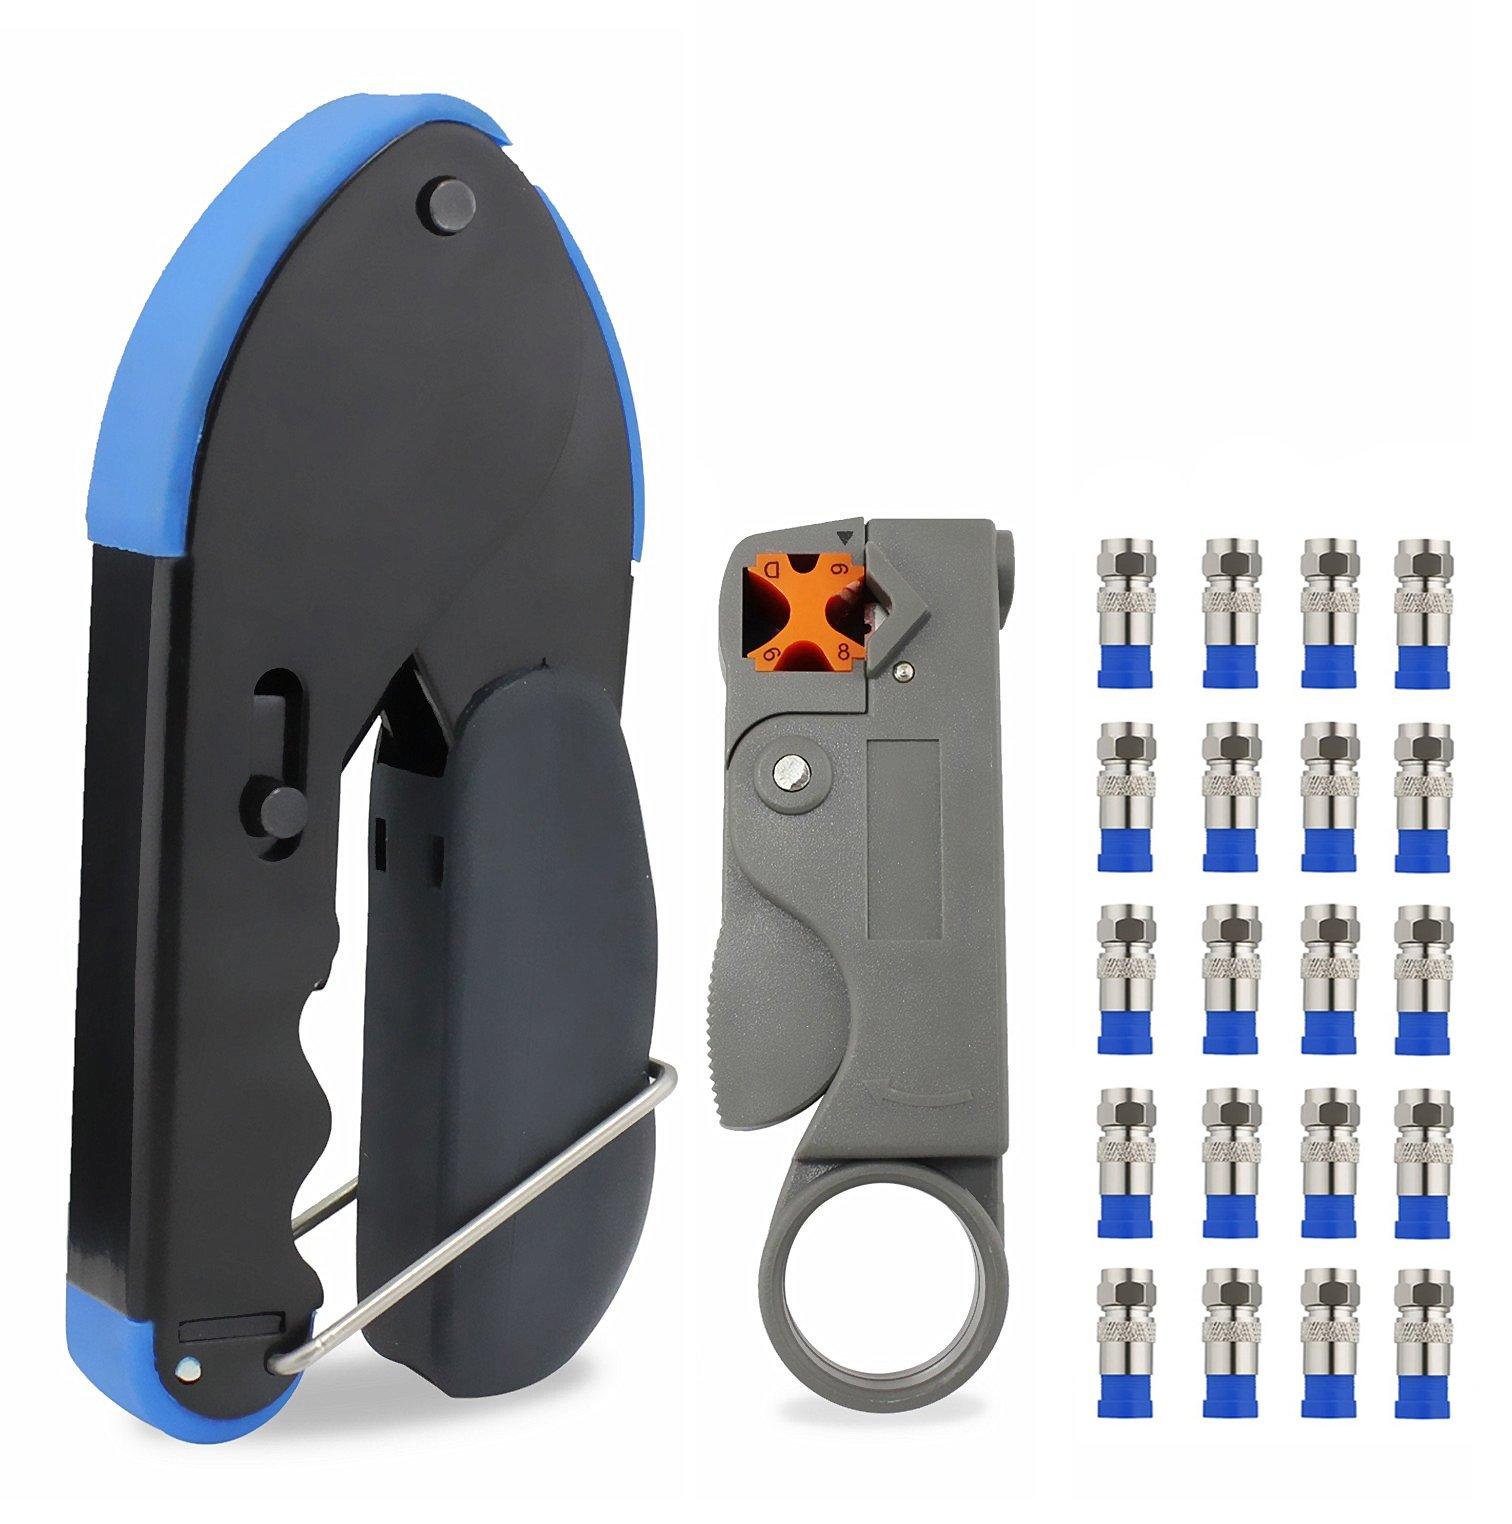 abcGoodefg RG59 RG6 RG11 Coax Compression Crimp Tool Connector Hand Crimper Crimping Tool Waterproof (Blue Tool Set)